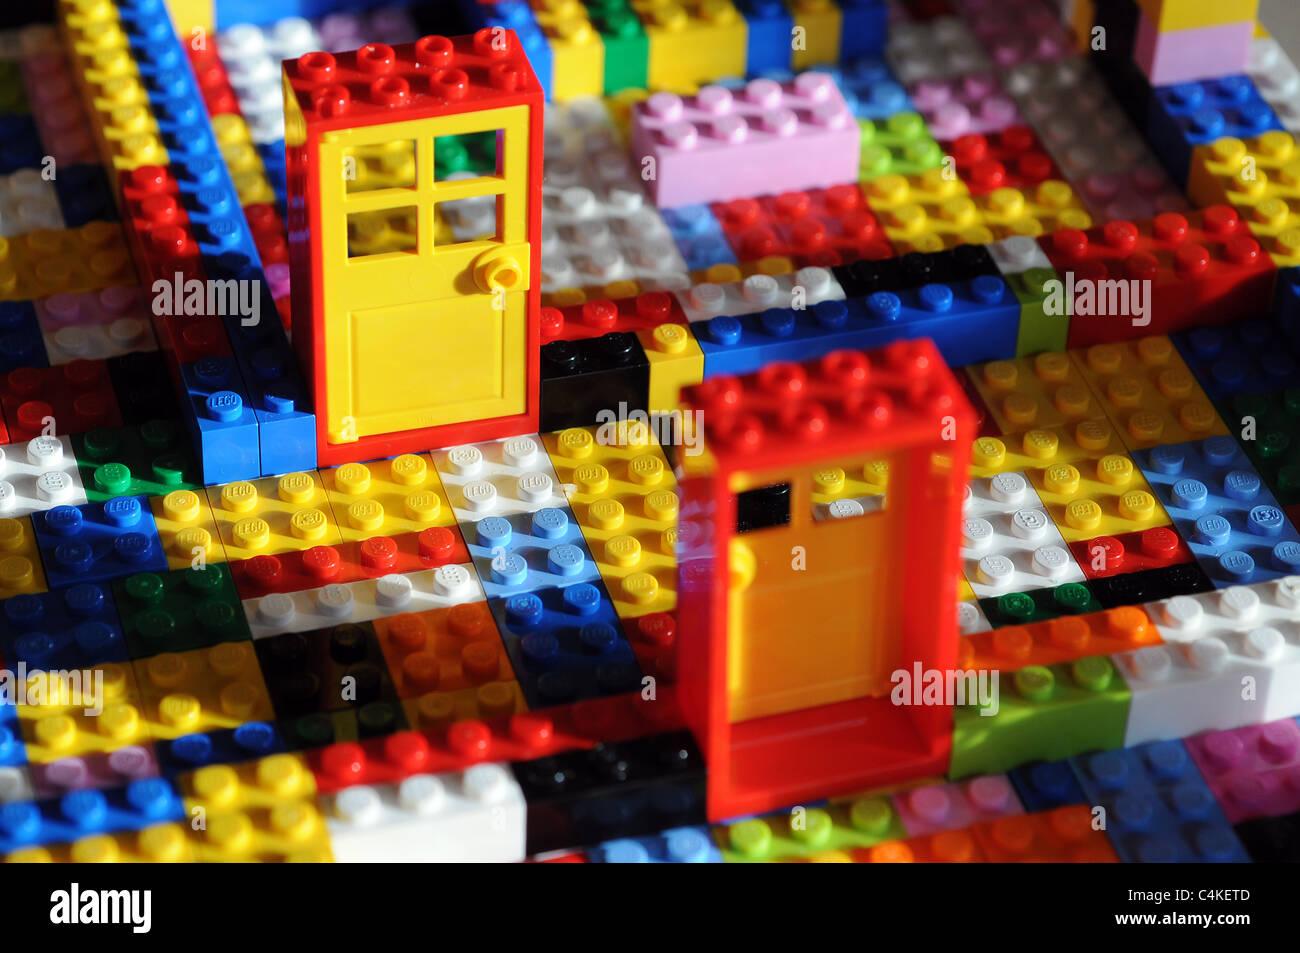 Ladrillos de construcción de juguetes Lego con puertas y par,bloques,par,parejas,color,construcción,la Imagen De Stock